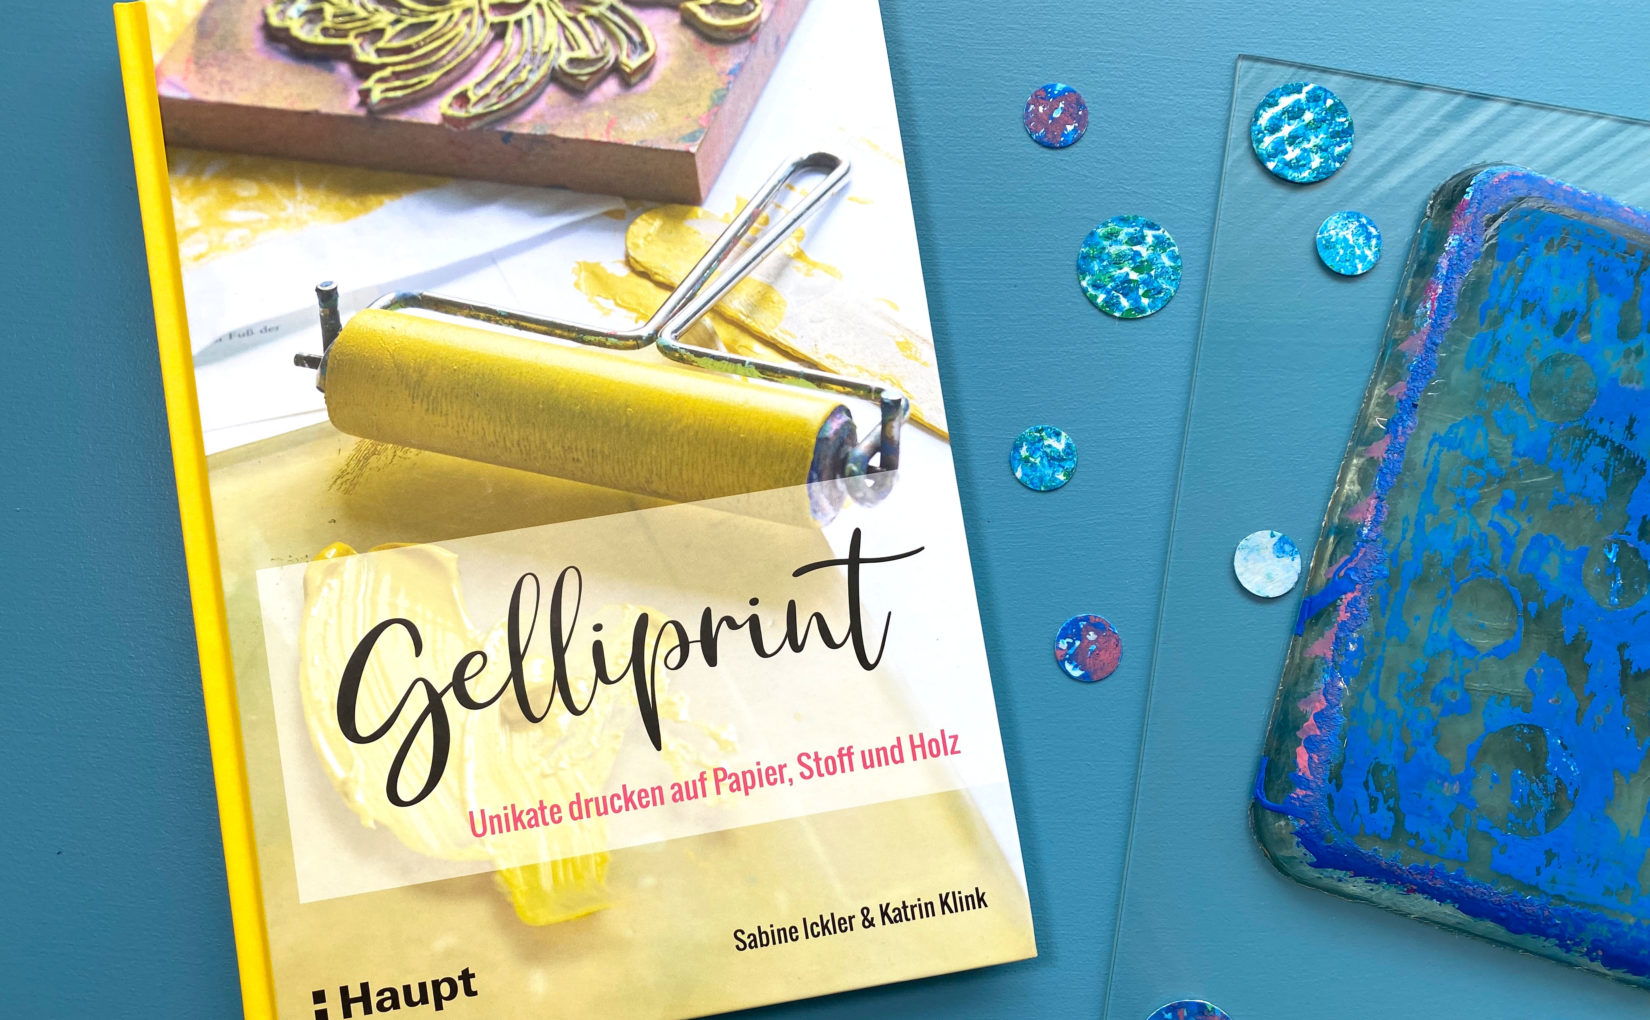 Gelliprint – Unikate drucken auf Papier, Stoff und Holz